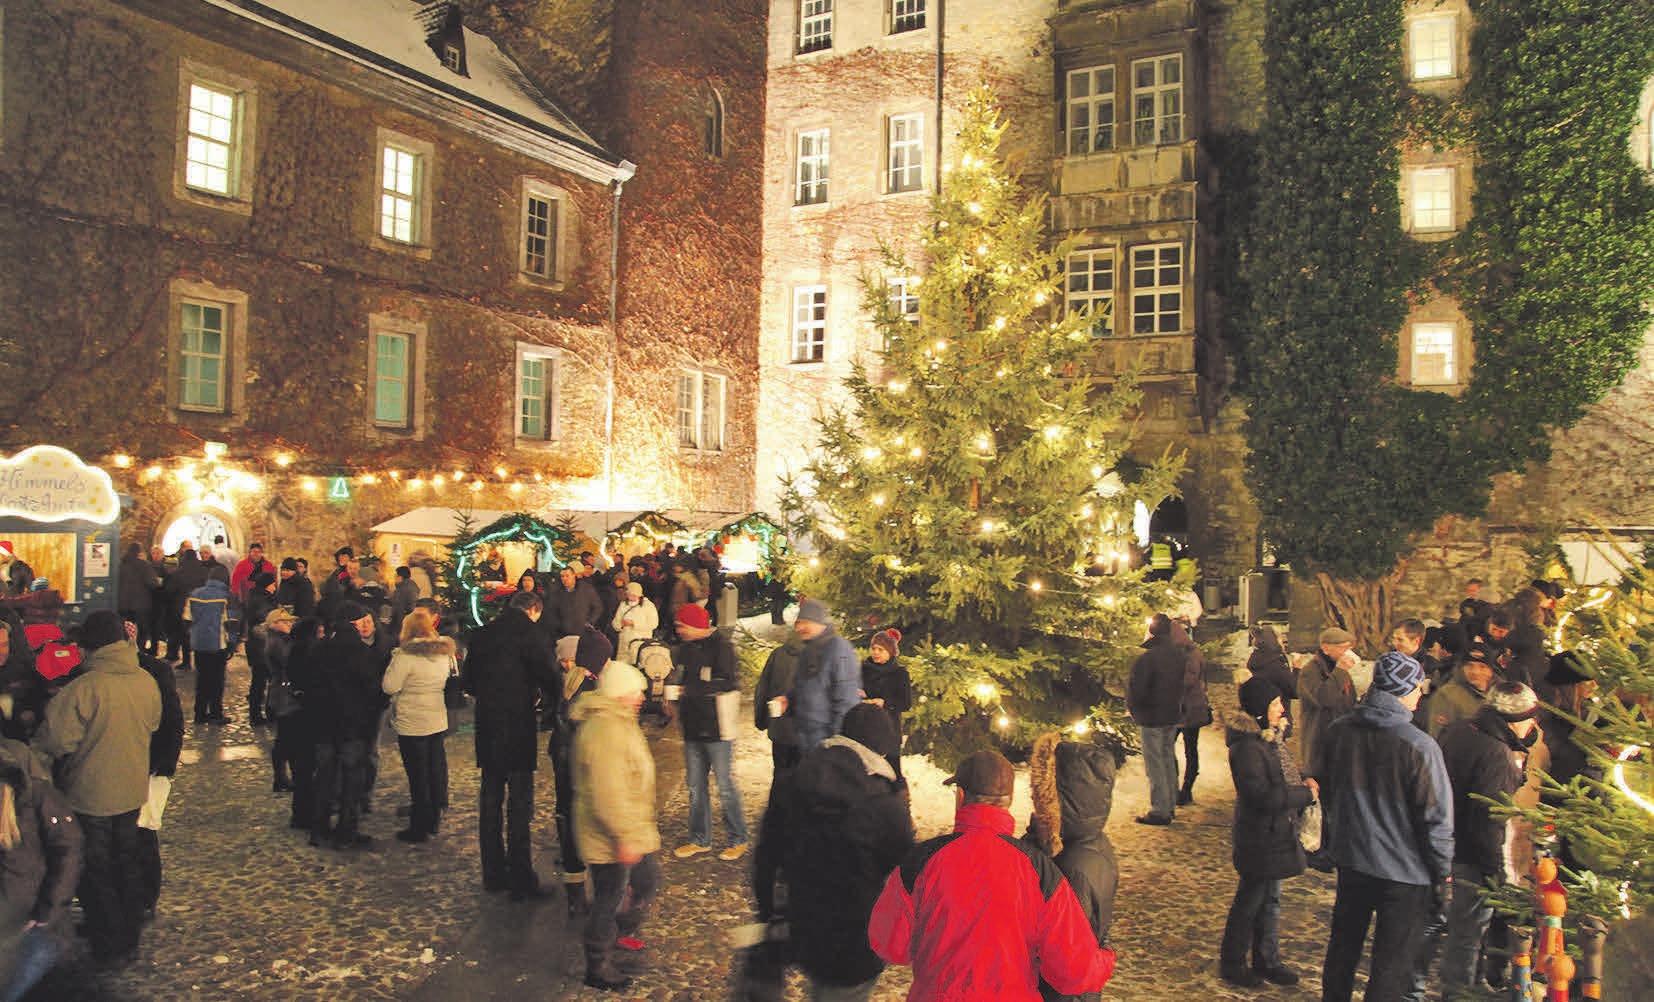 Vor der malerischen Kulisse des alten Schlossen könnten die Besucher stöbern, staunen und genießen. Photowerk